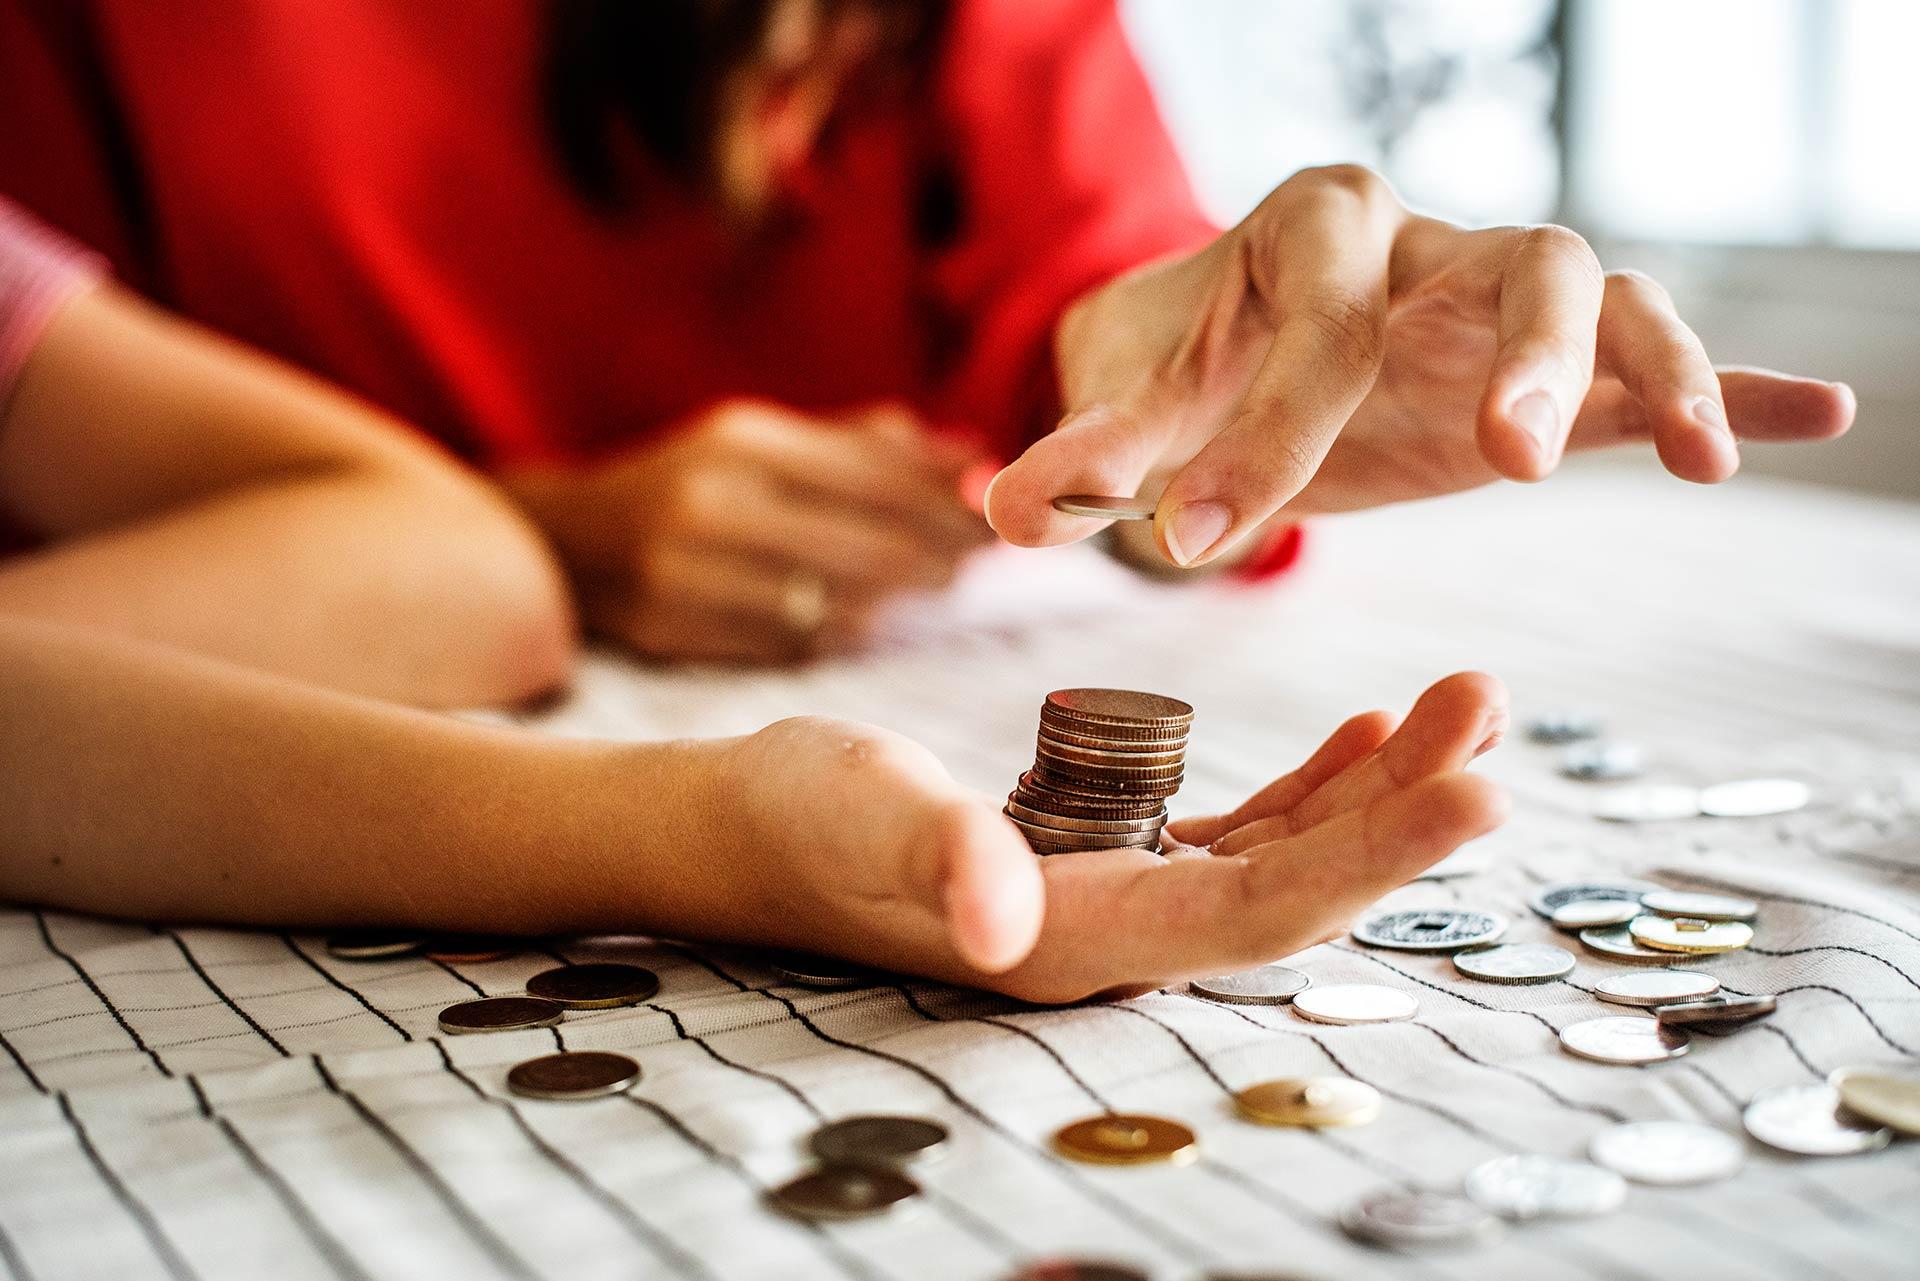 Koszty i warunki udziału w badaniach